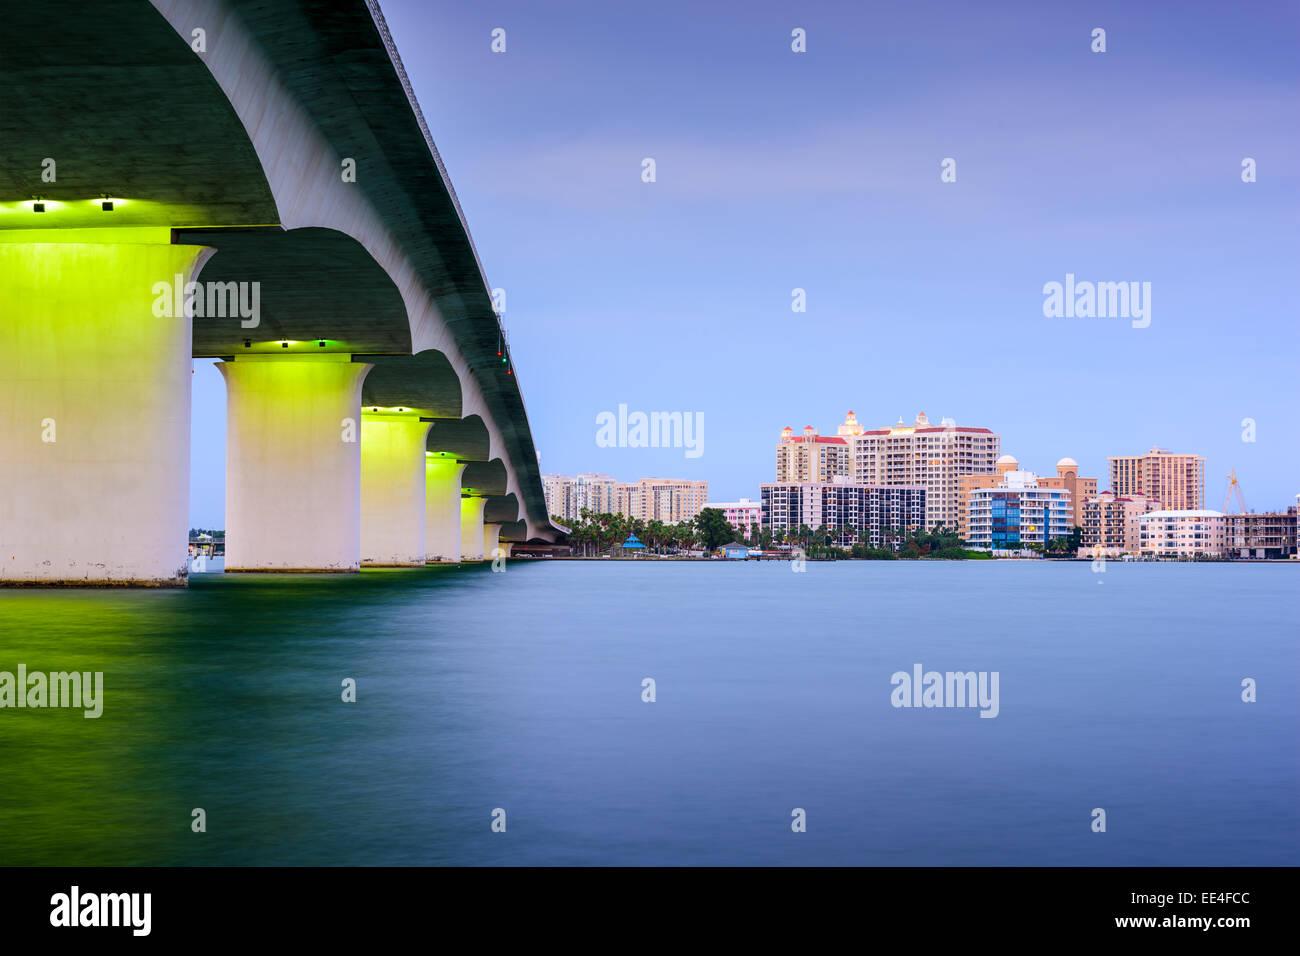 Sarasota, Florida, USA skyline at Sarasota Bay. - Stock Image